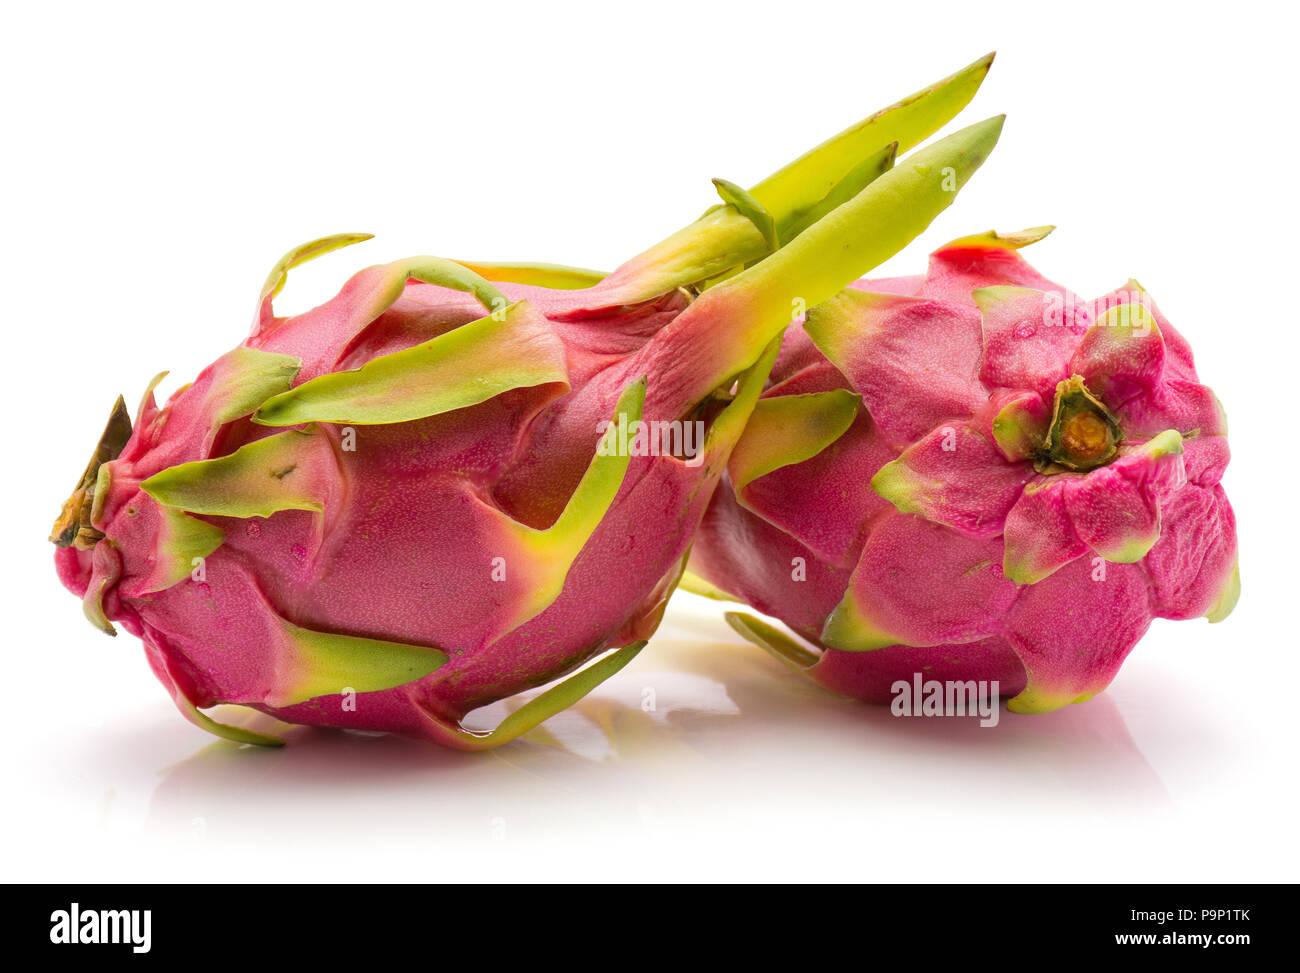 Dragon fruit (Pitaya, Pitahaya) isolated on white background two fresh - Stock Image